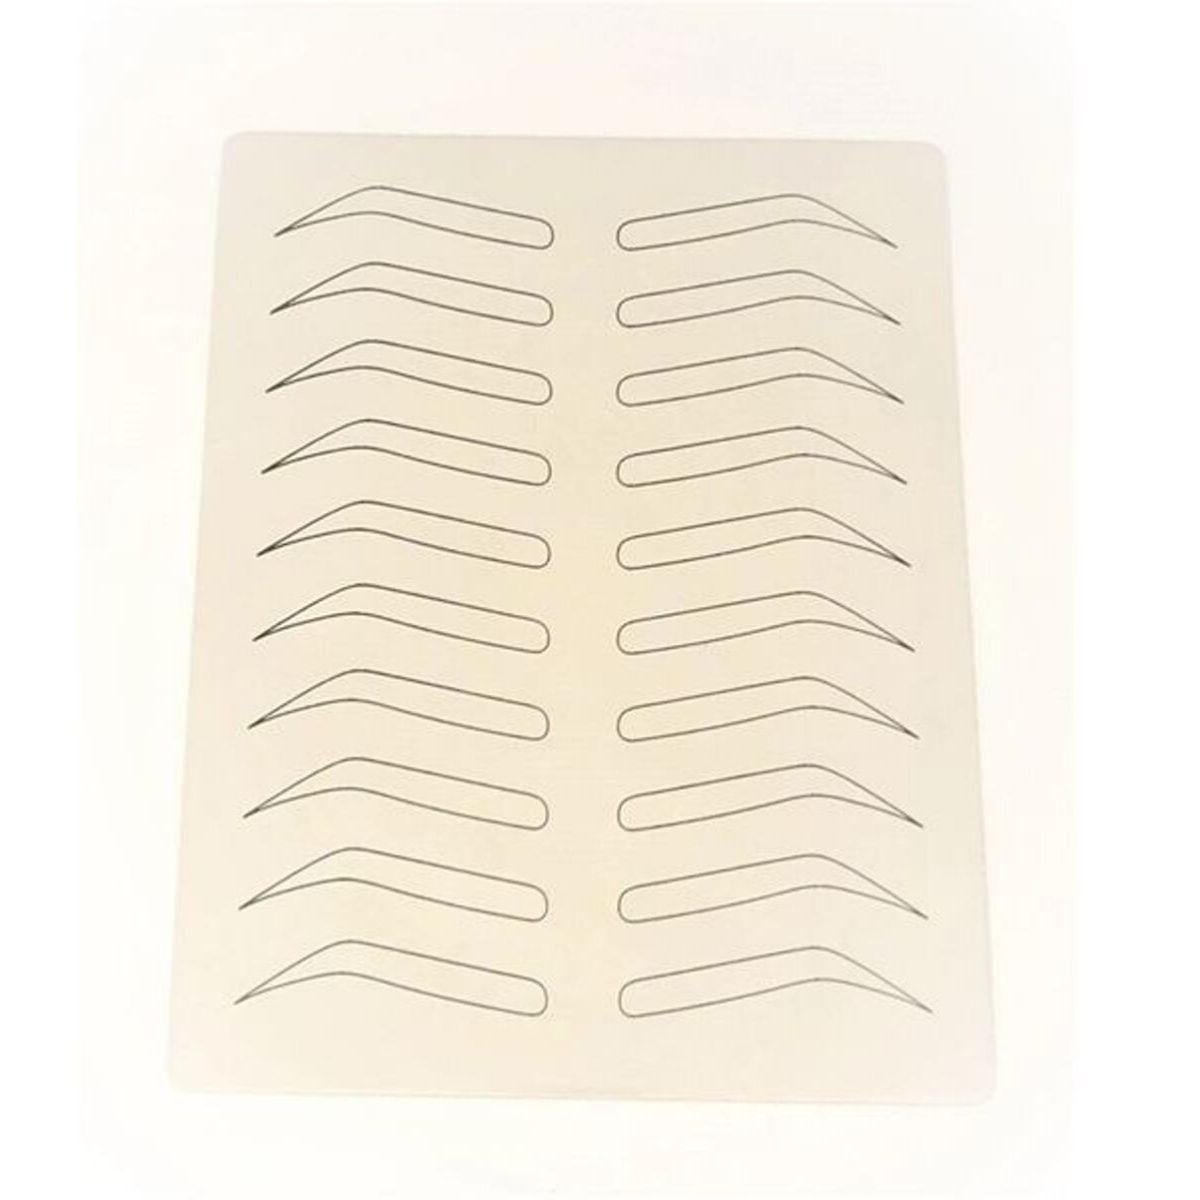 Pele Sintética Com Desenho Sobrancelha Treino Micro 14x19cm